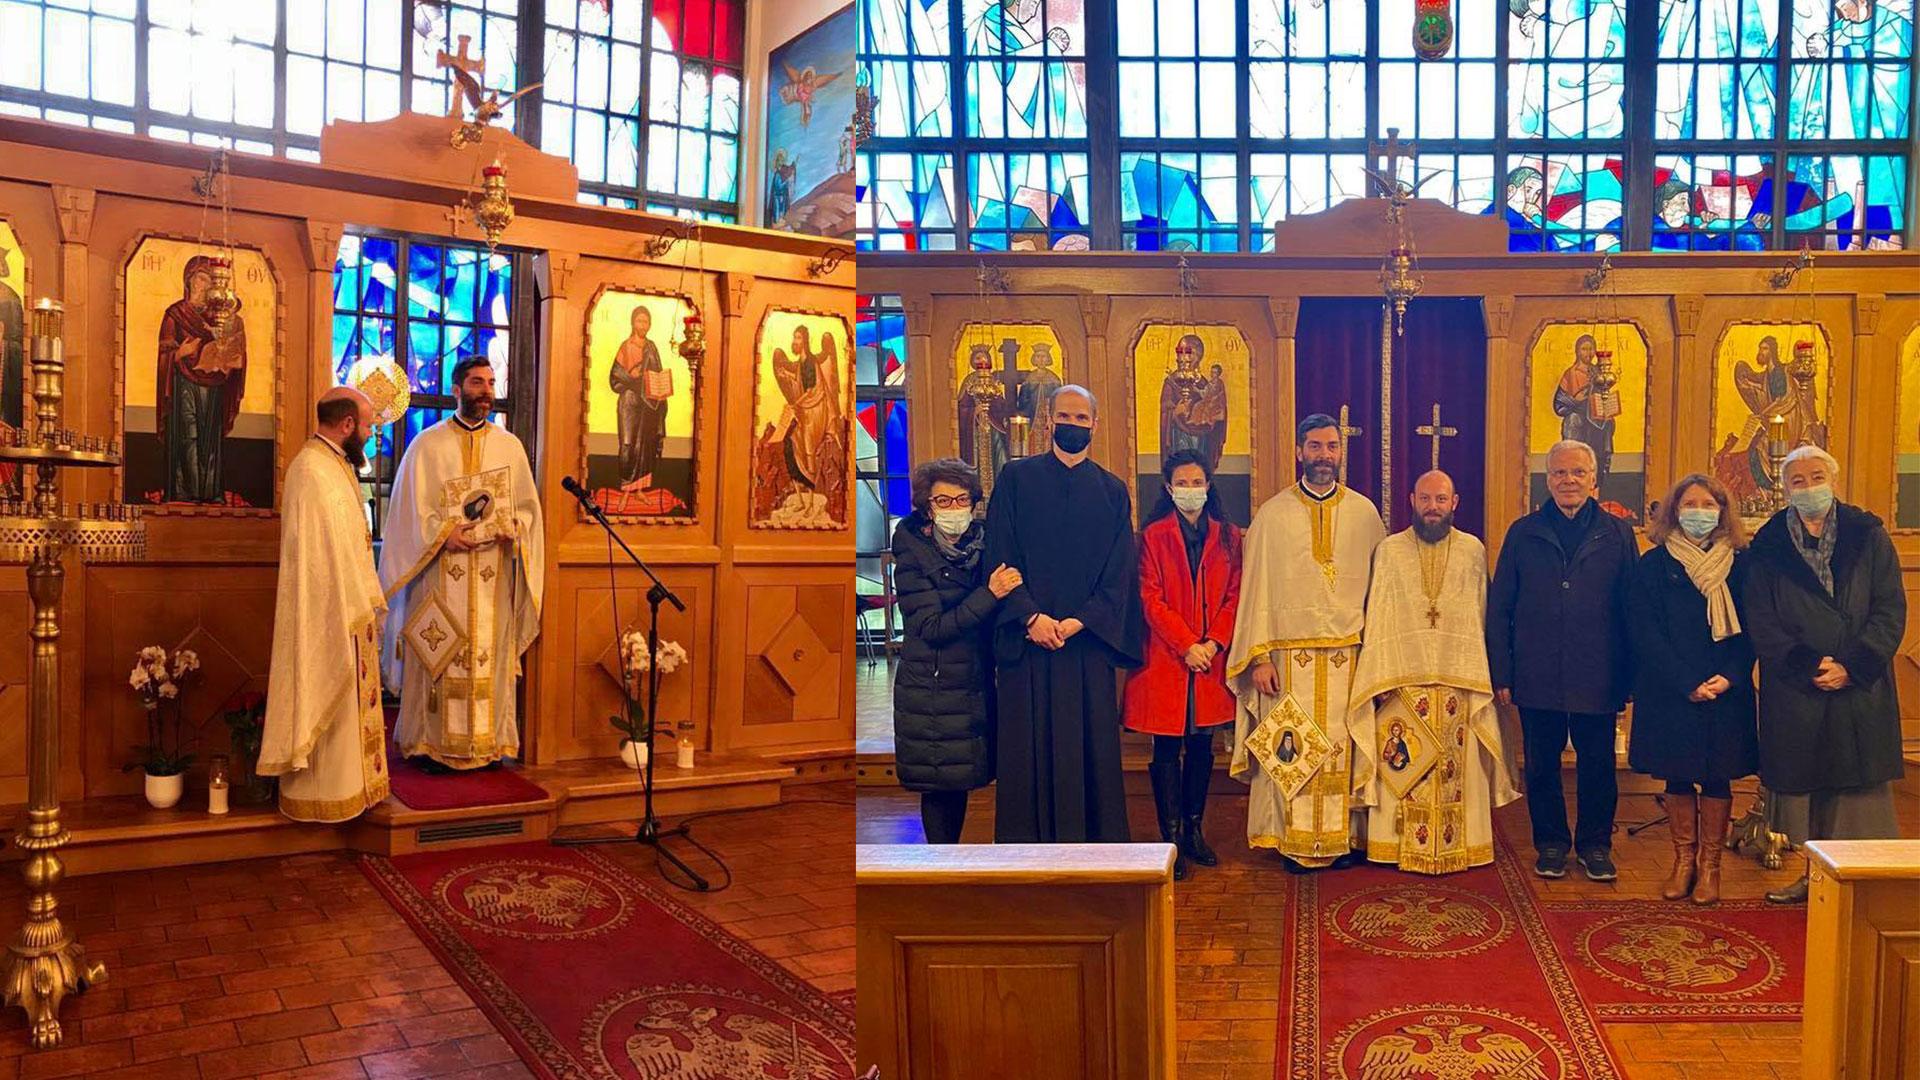 Επίσκεψη στην Ενορία του St. Gallen